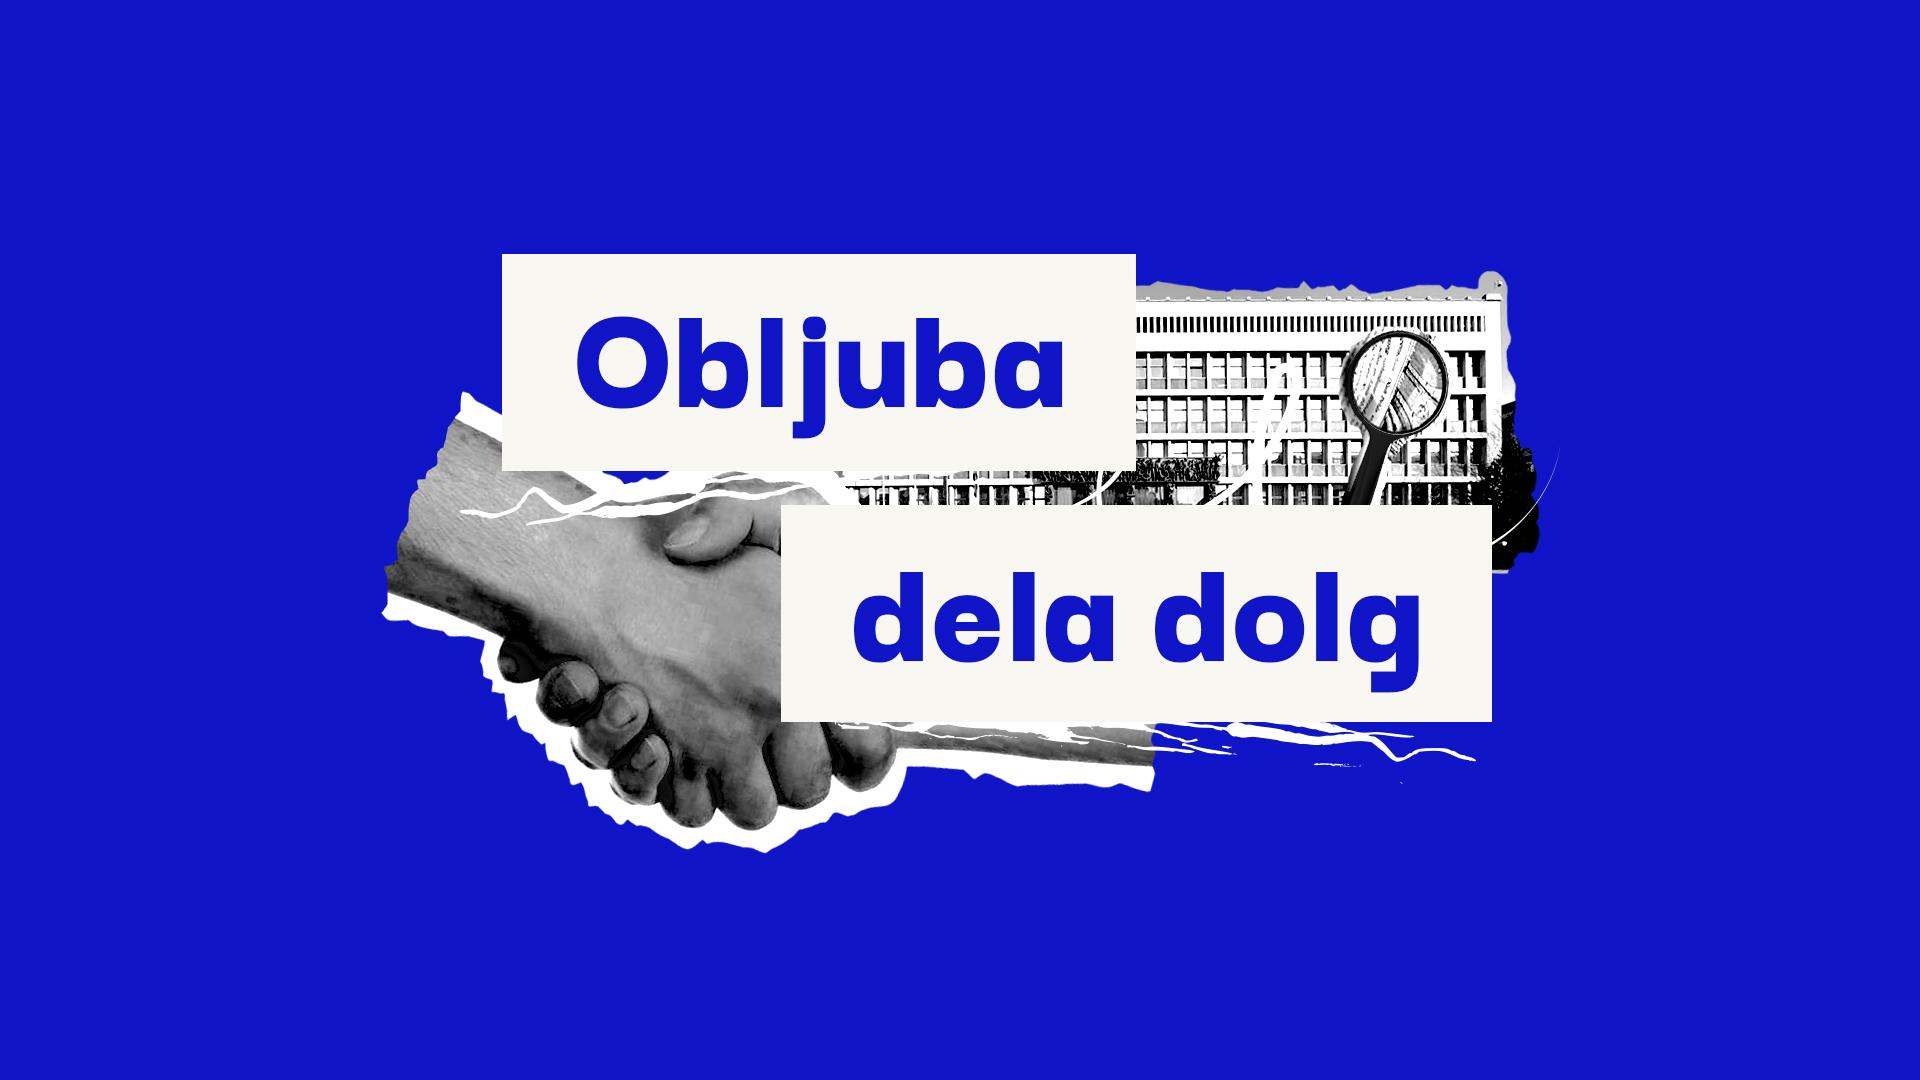 Logotip projekta Obljuba dela dolg